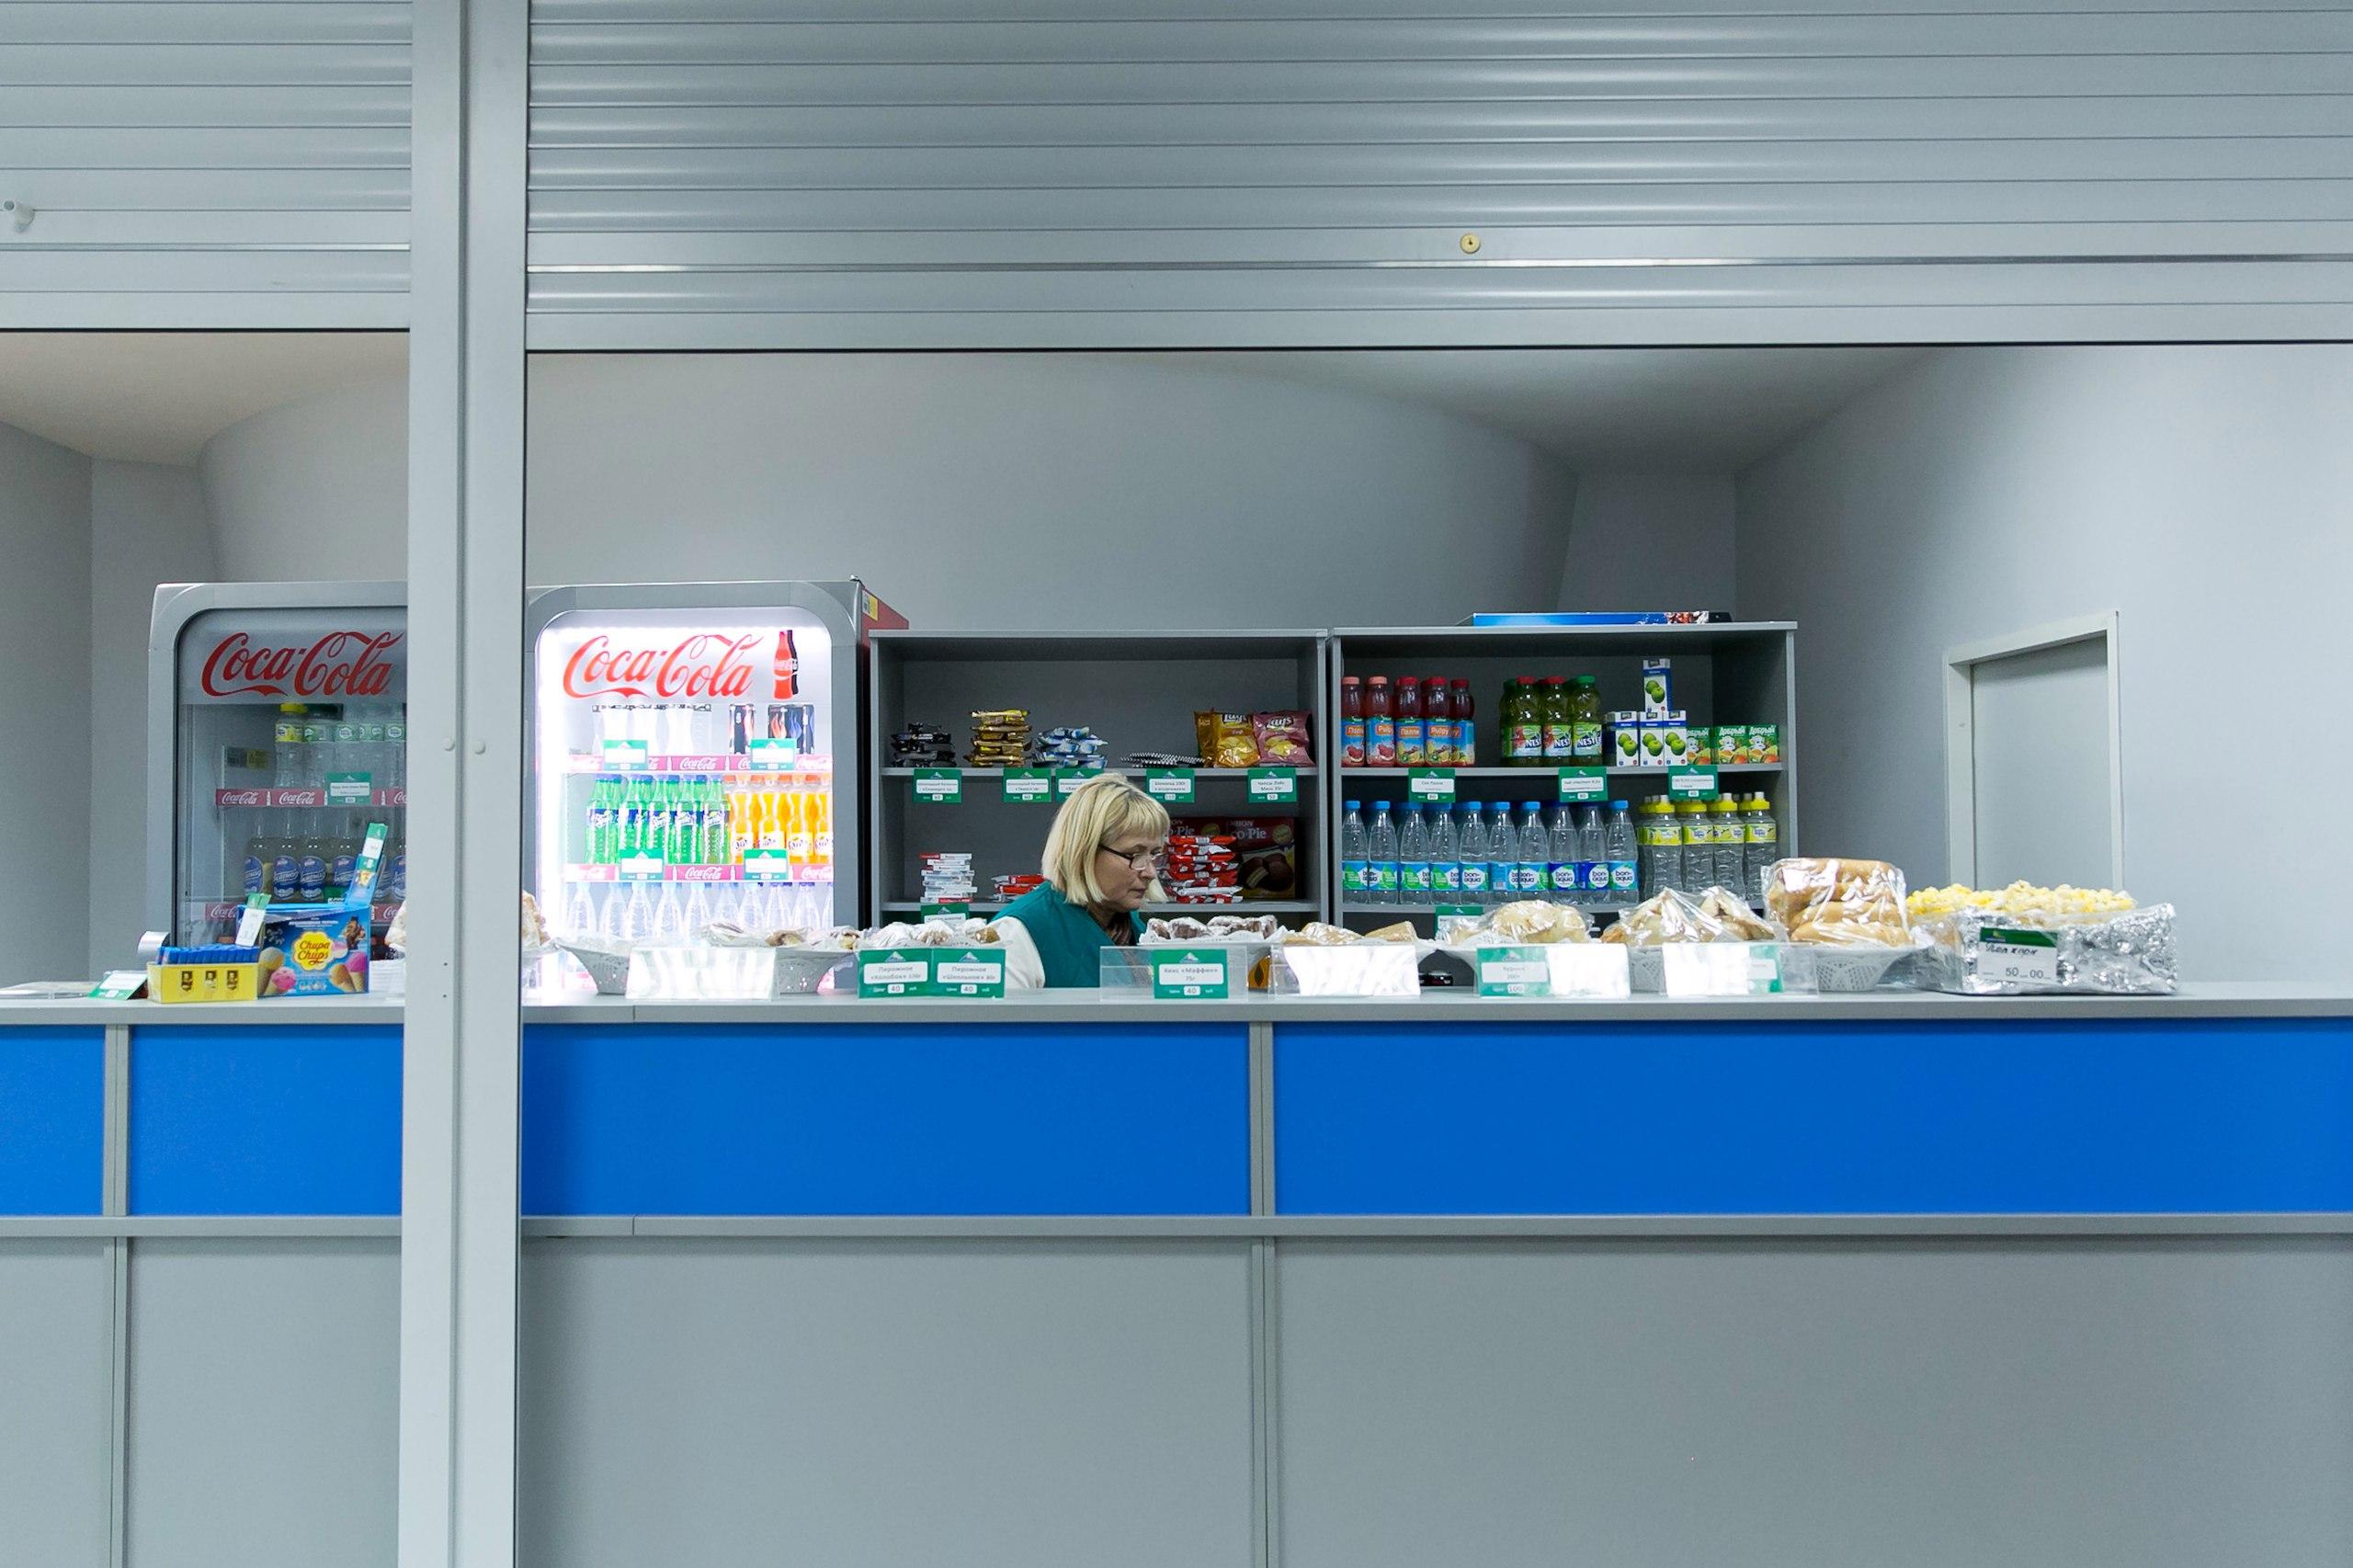 На матчах Агидели одежду и сувенирную продукцию вы не купите. Работает одна  точка питания и небольшое кафе. Хотите кепку или вымпел - обращайтесь в  клубные ... 5a10f76eb41